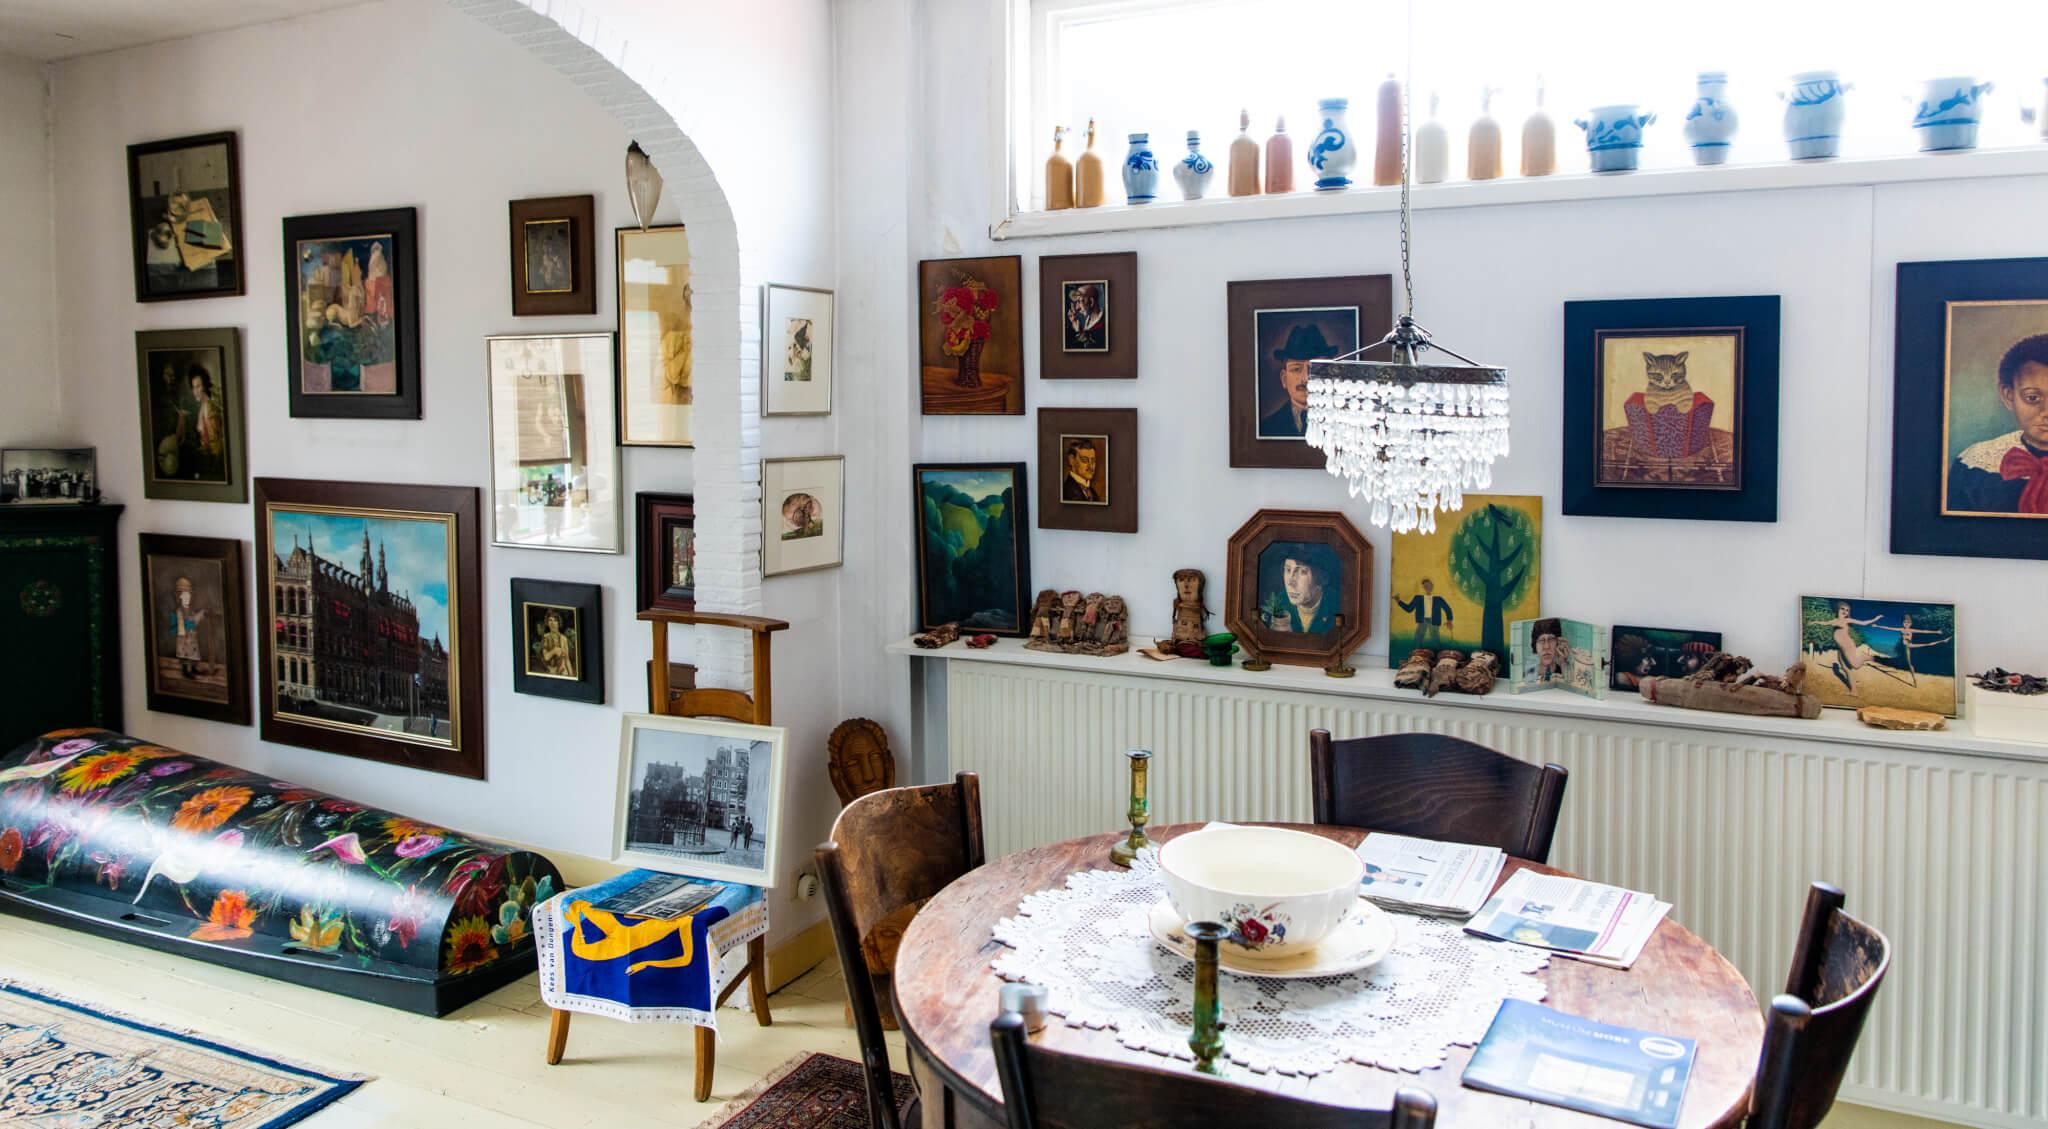 Huiskamermuseum Aalsmeer